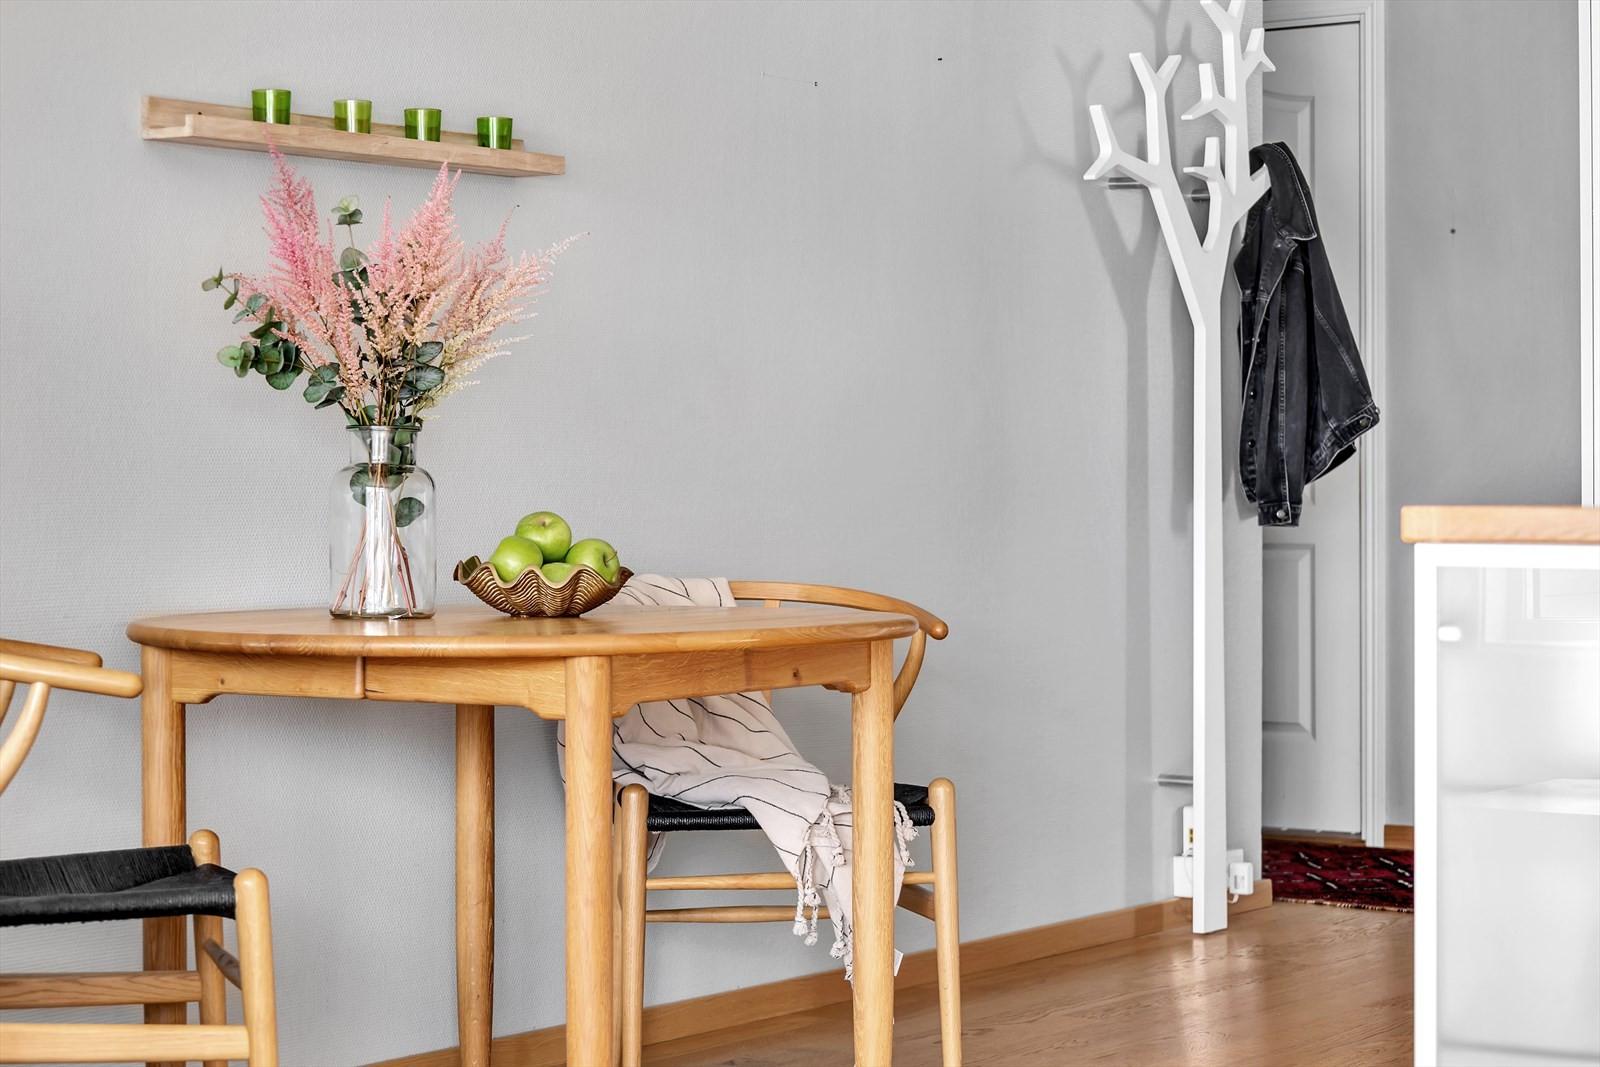 Mellom stuen og kjøkkenet er det plass til et lite spisebord